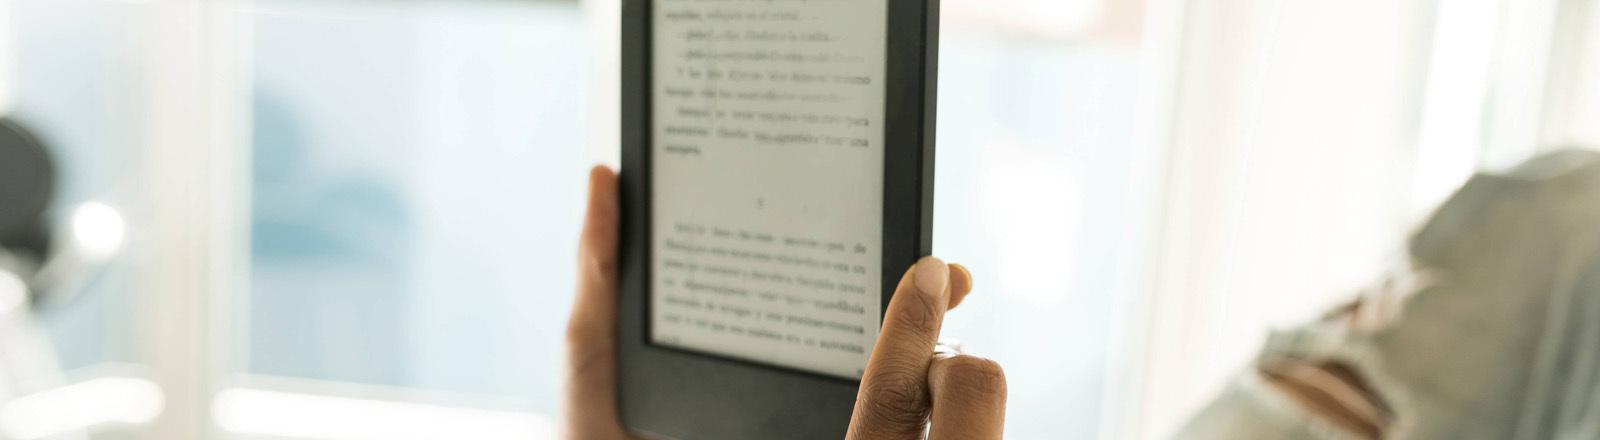 Eine Person liegt auf einem Bett und liest ein E-Book.